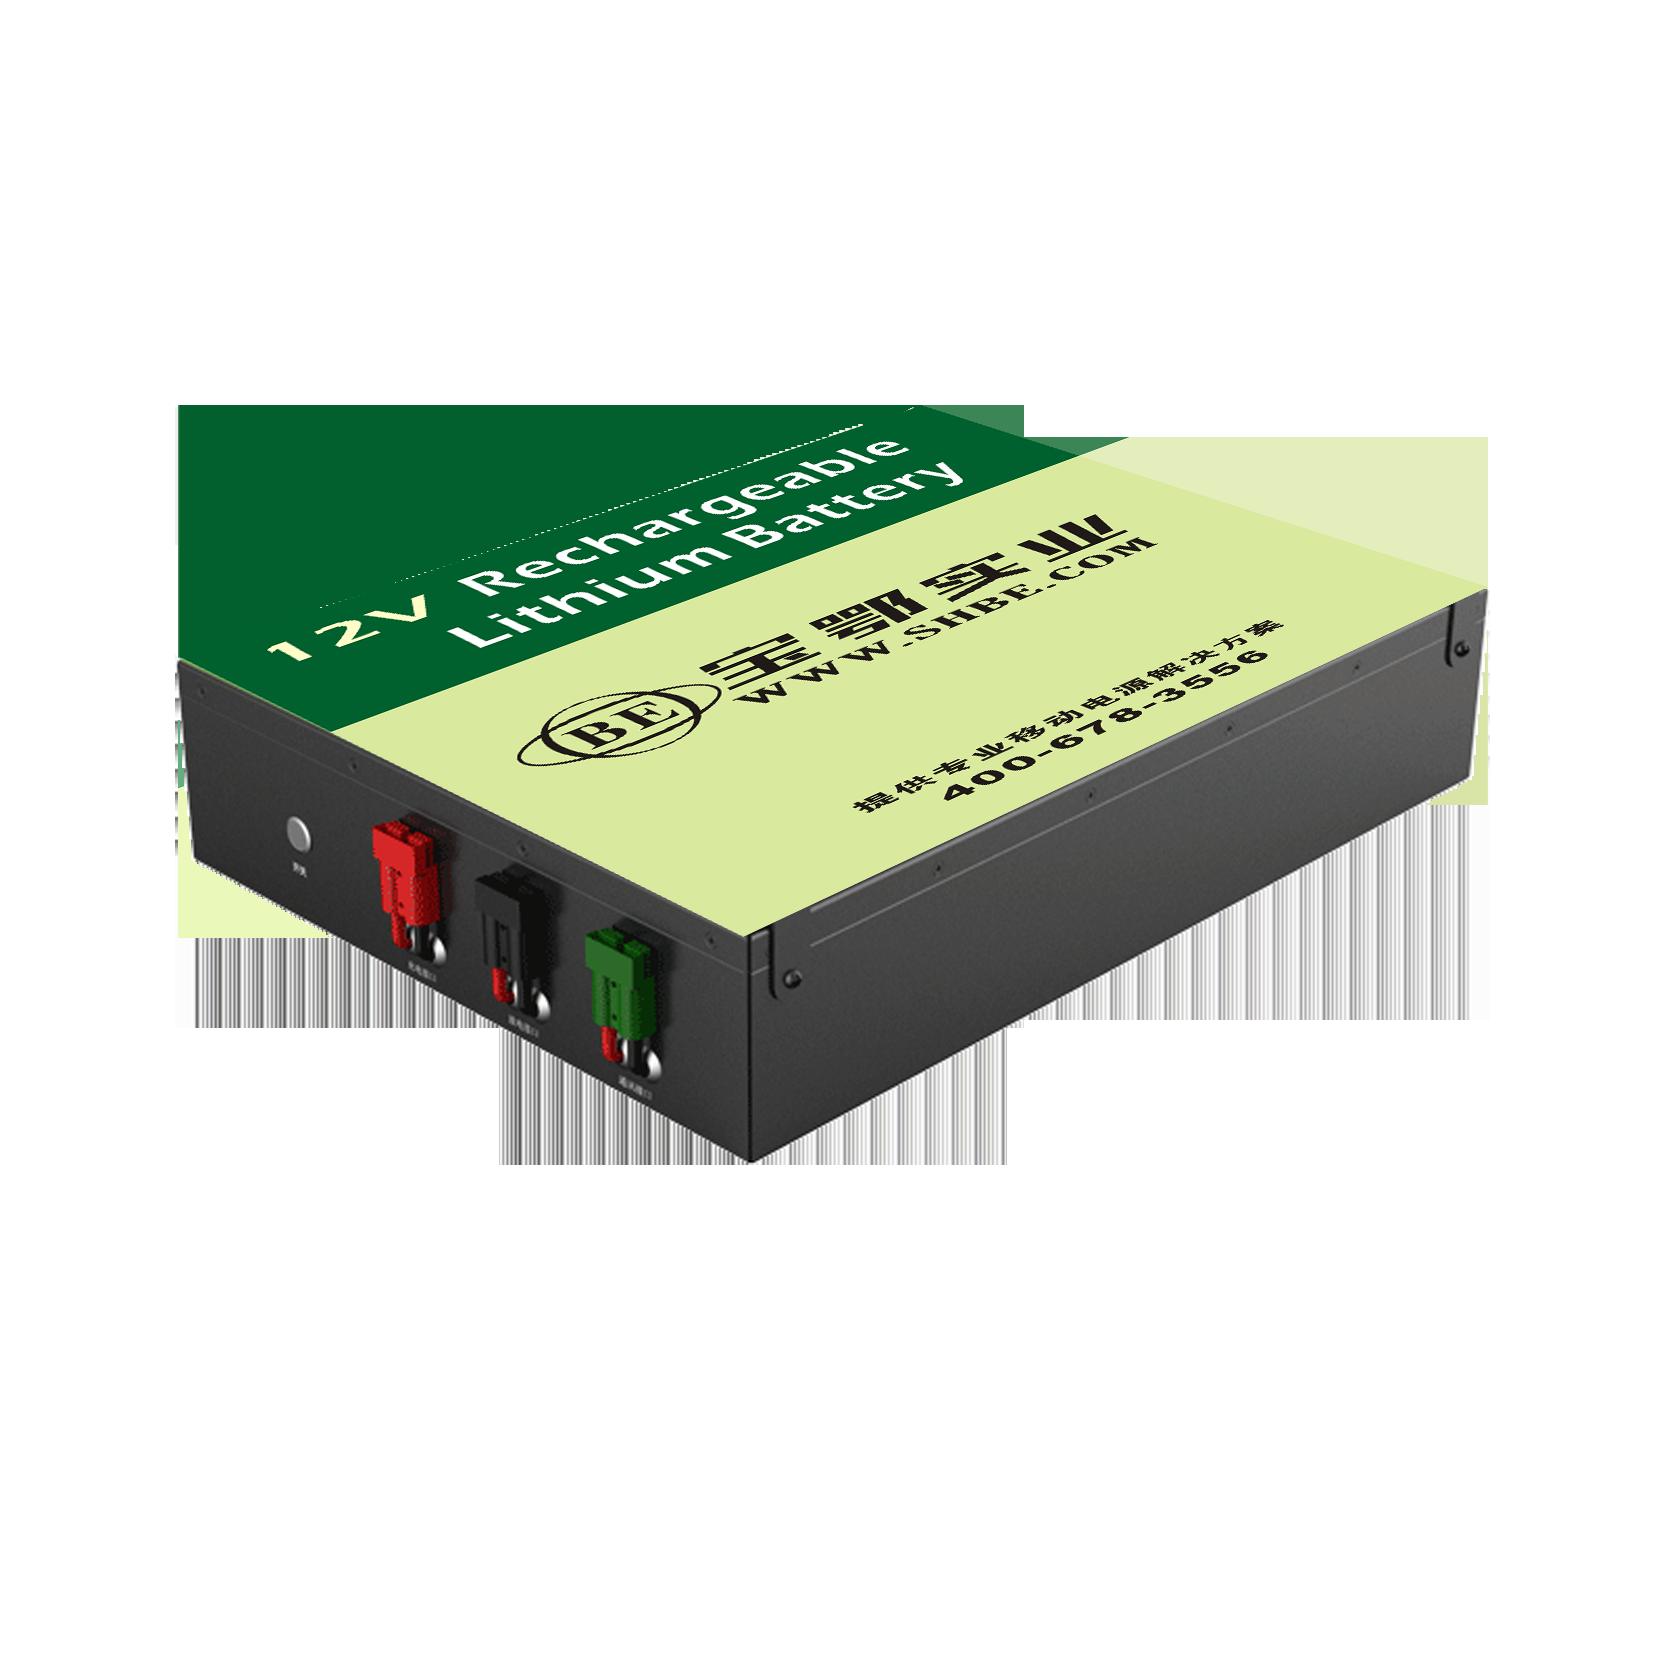 环境监测锂电池